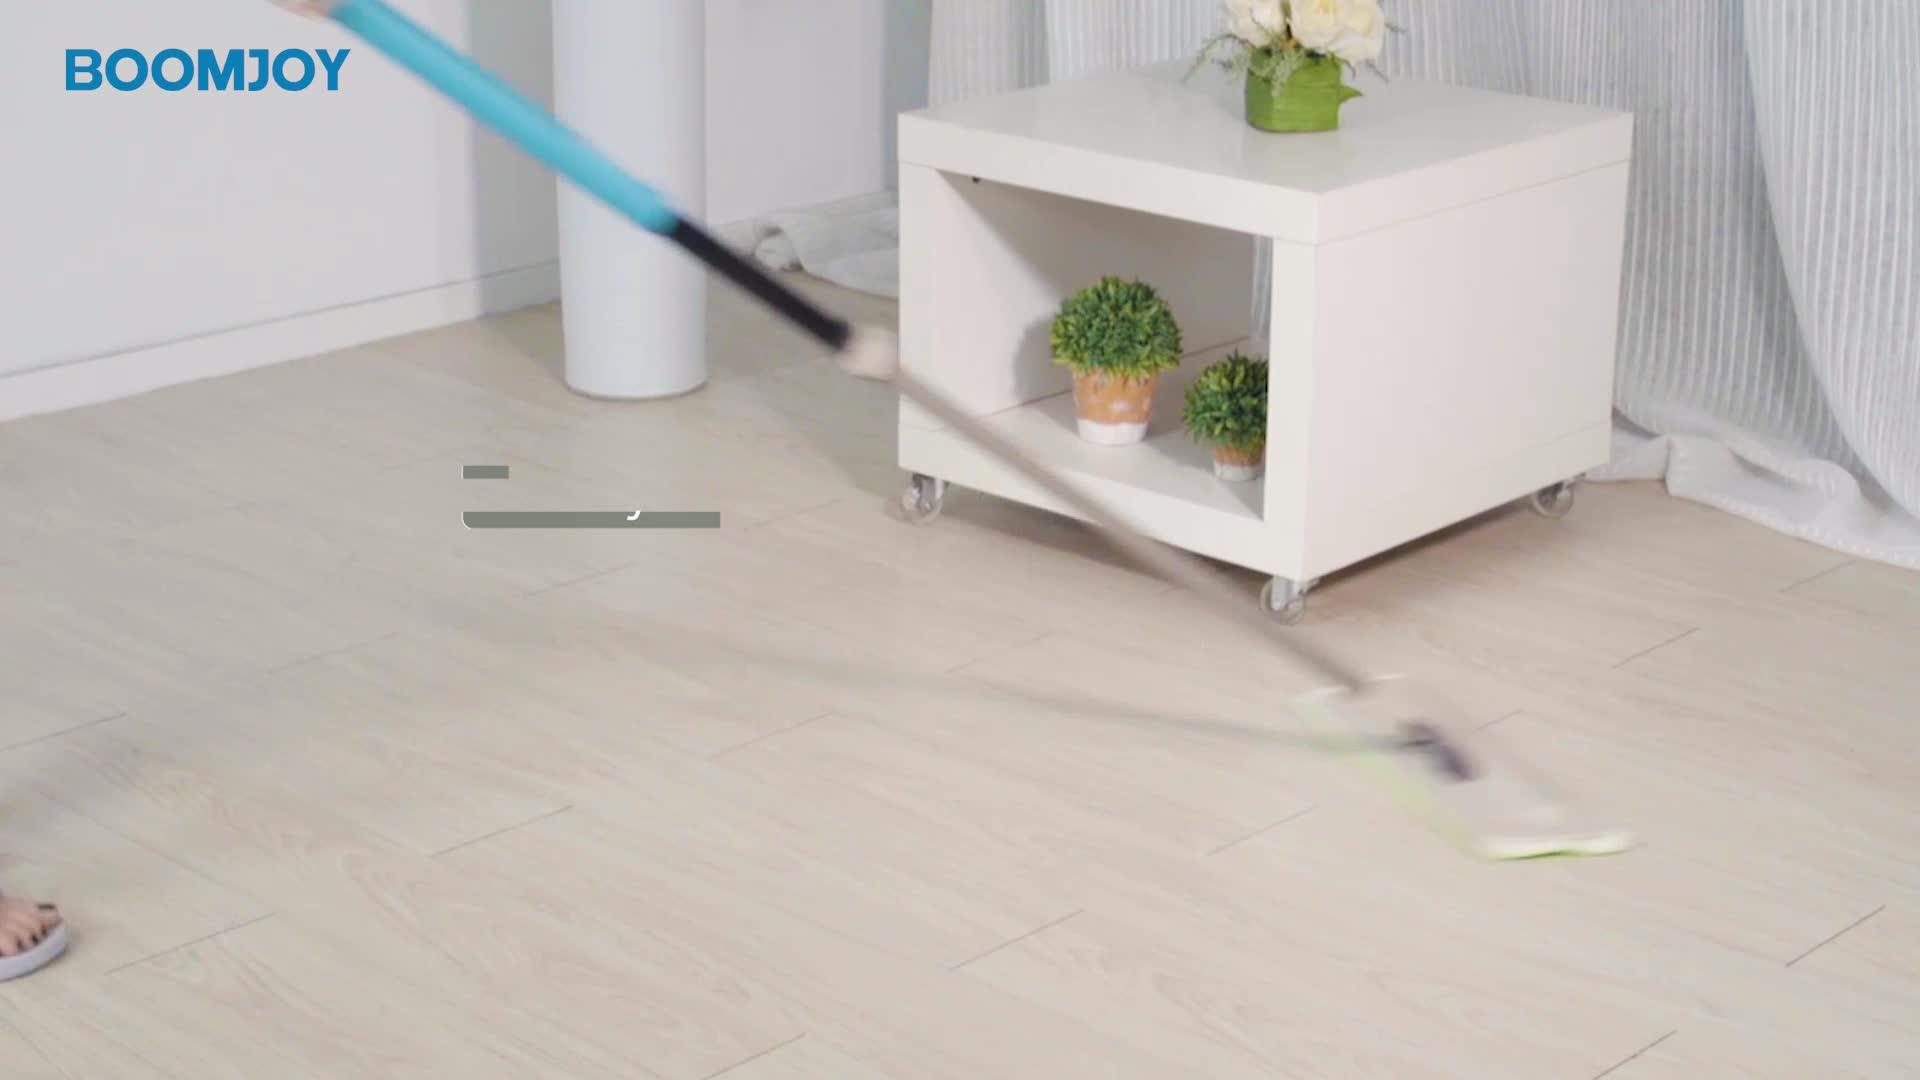 360 spin mopp magie boden mopp wischer einzigen eimer spin mopp hause reinigung werkzeuge